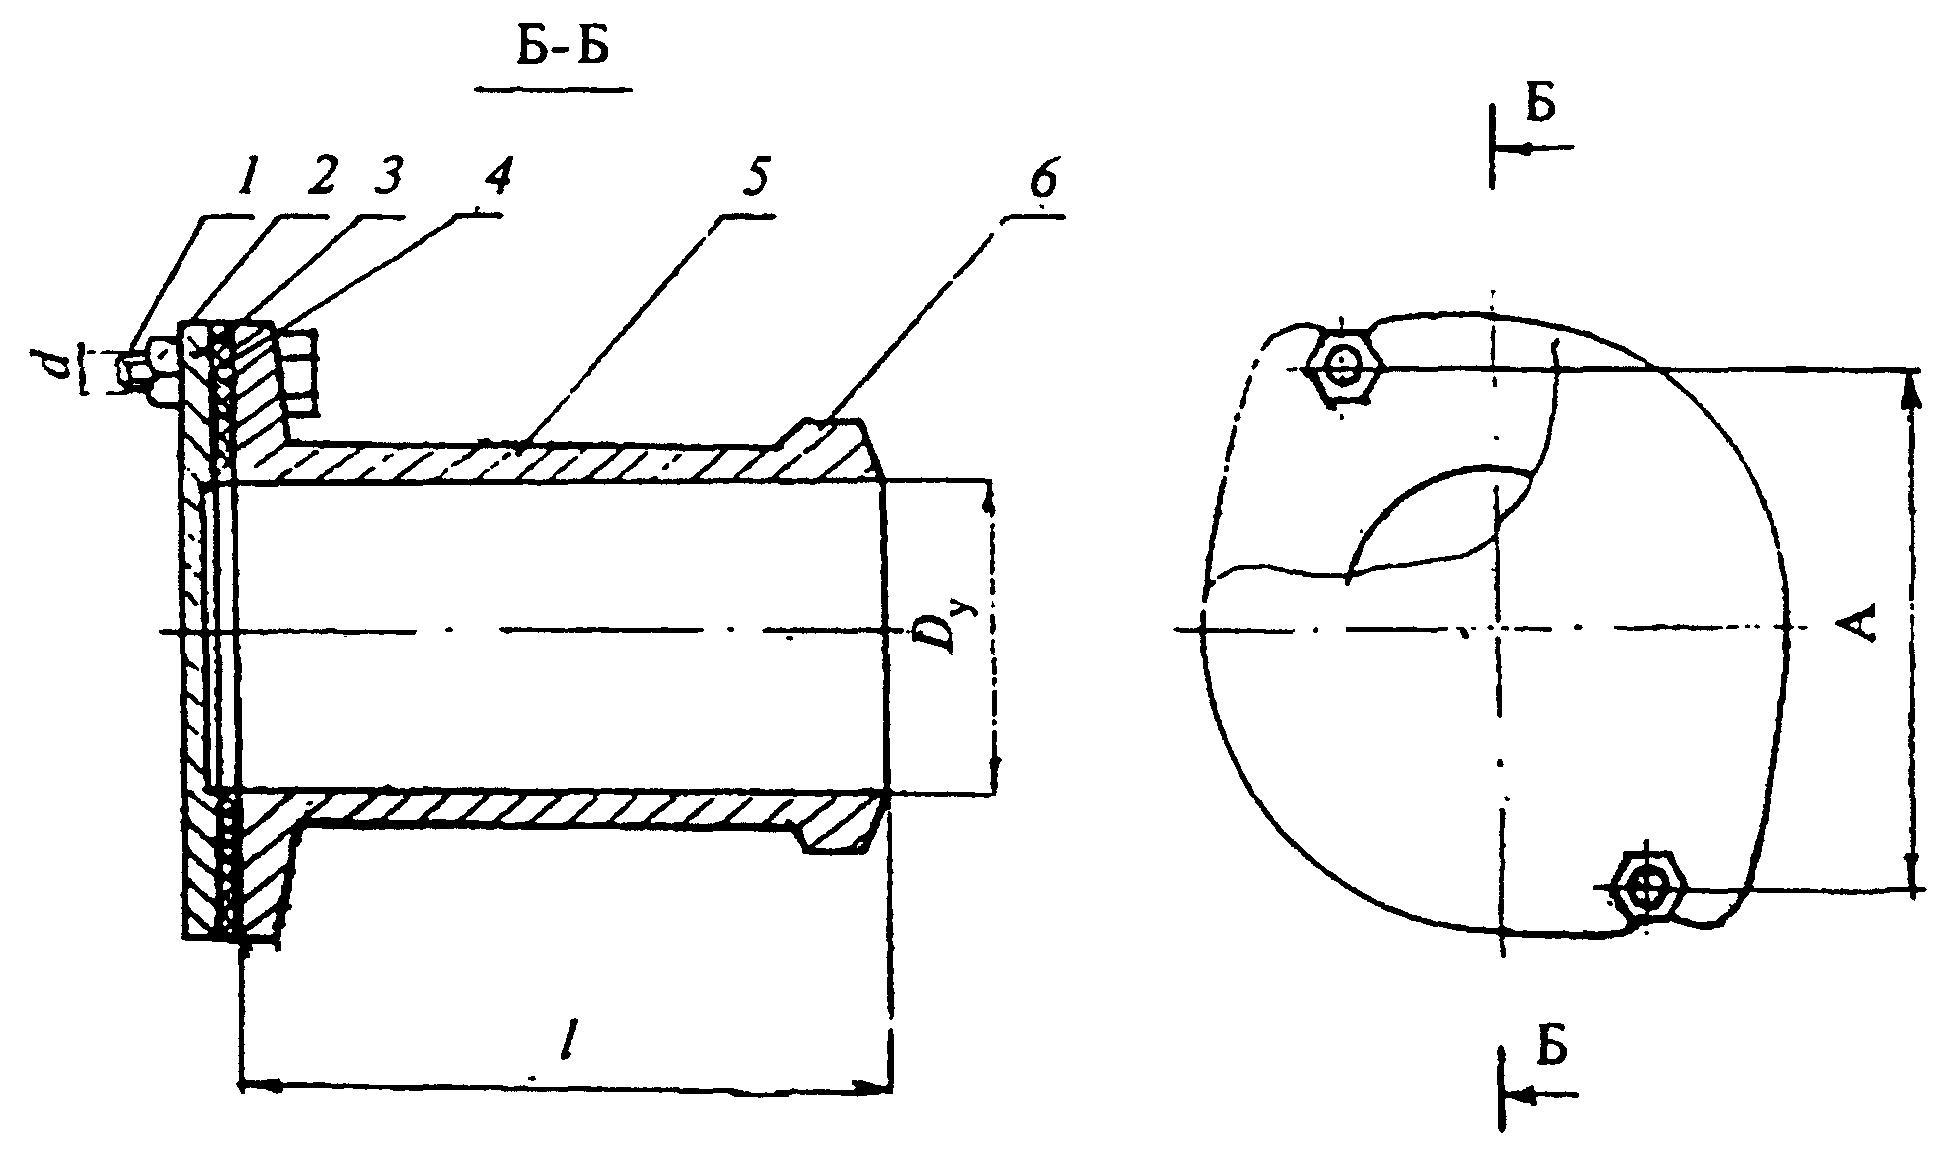 Cast Iron Drain Diagram - Wiring Schematics